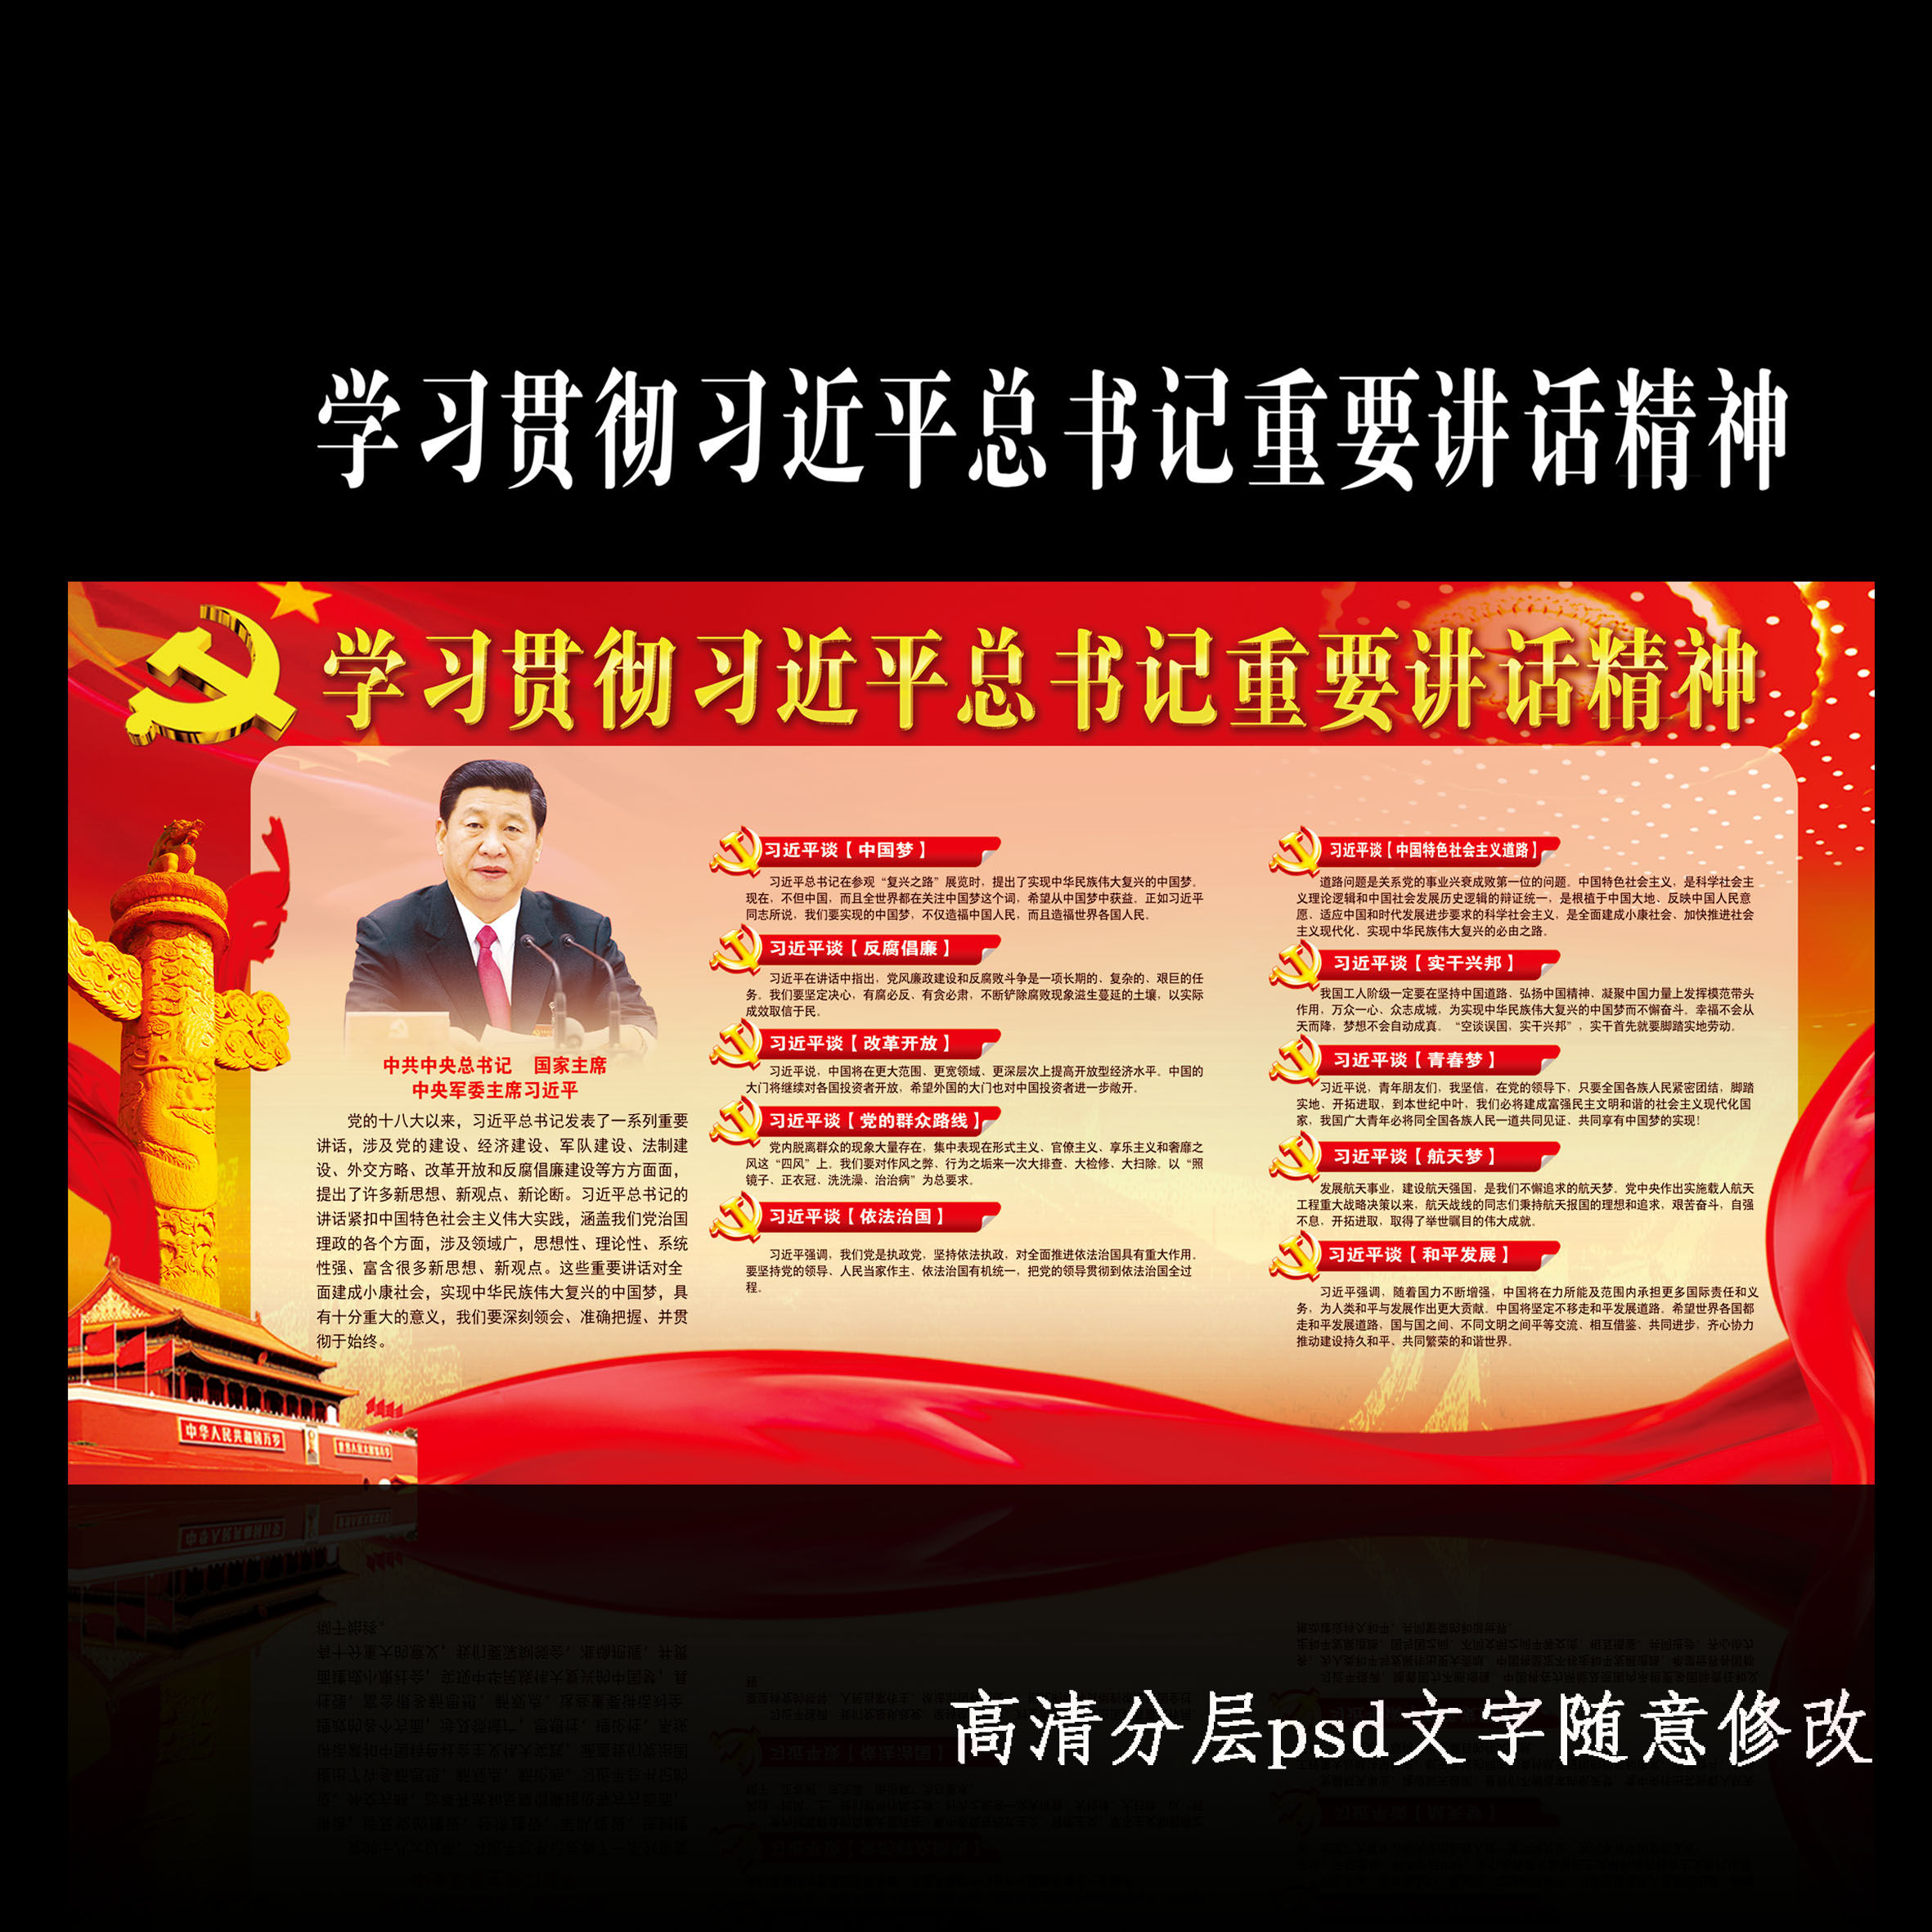 十八大/中国梦/党建展板1